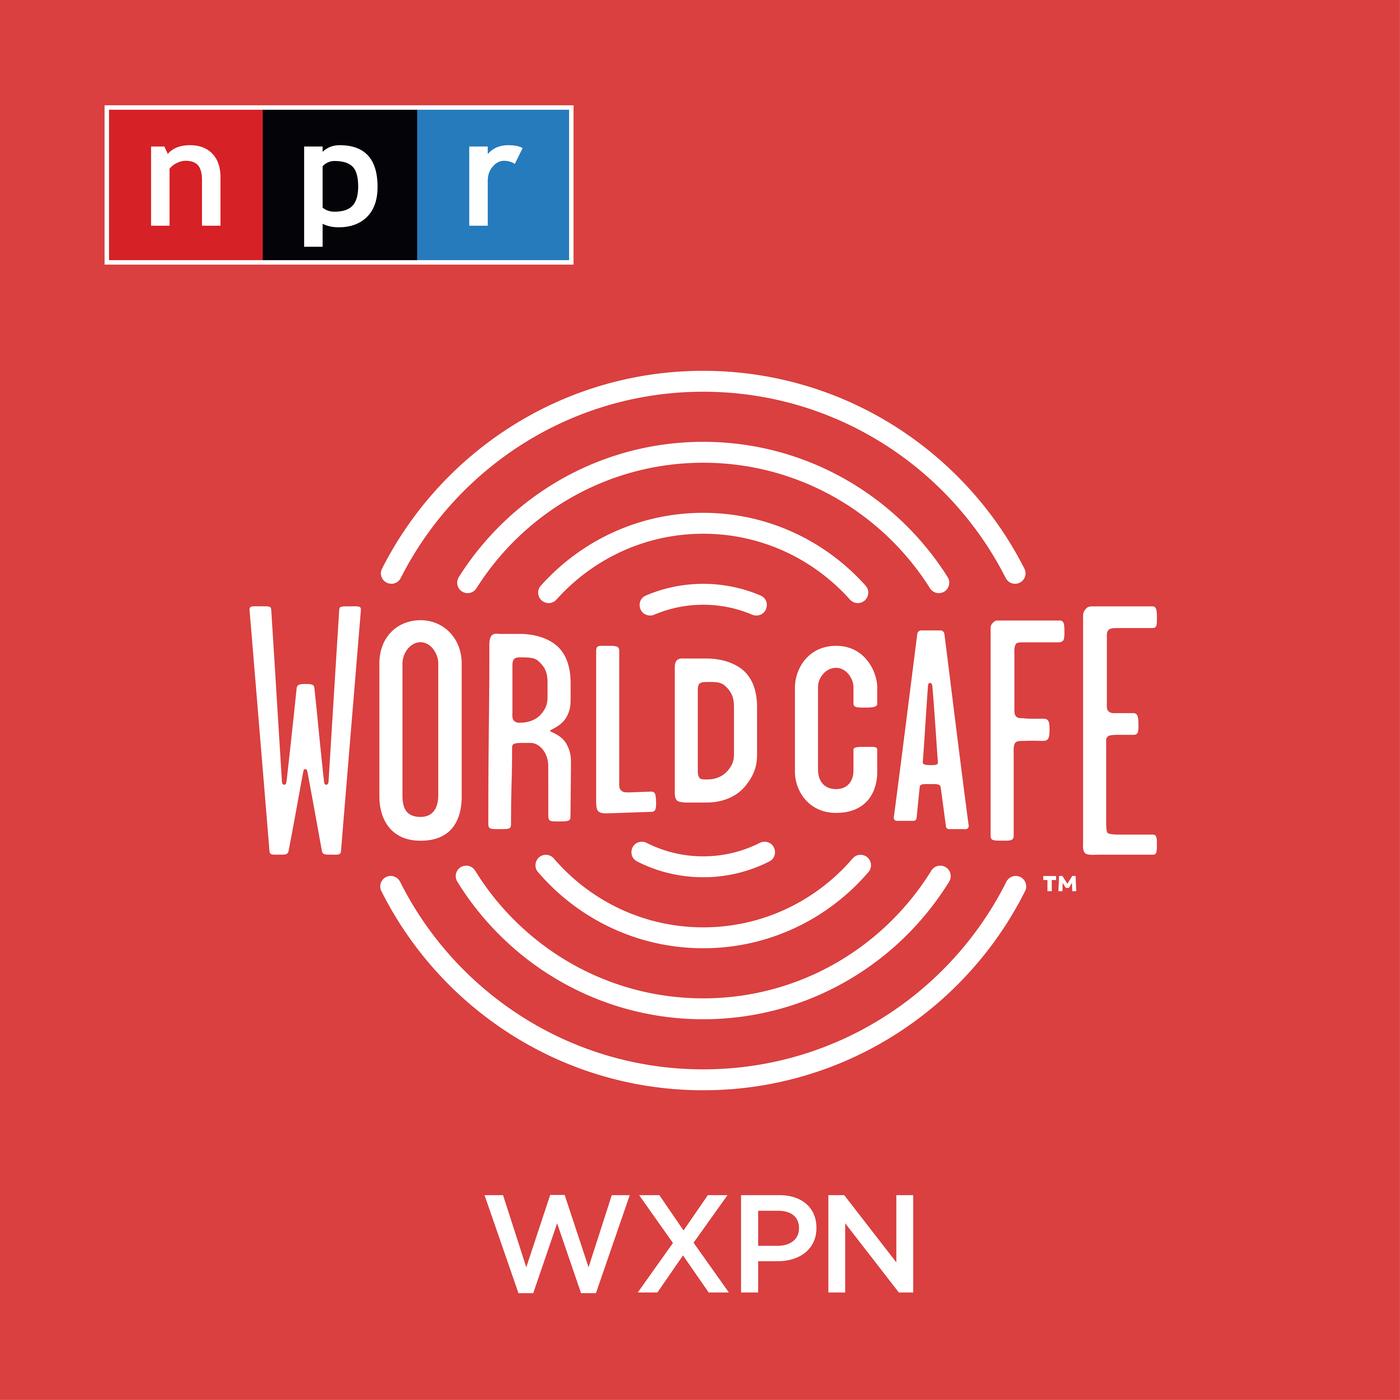 NPR World Cafe - Listen NOW!